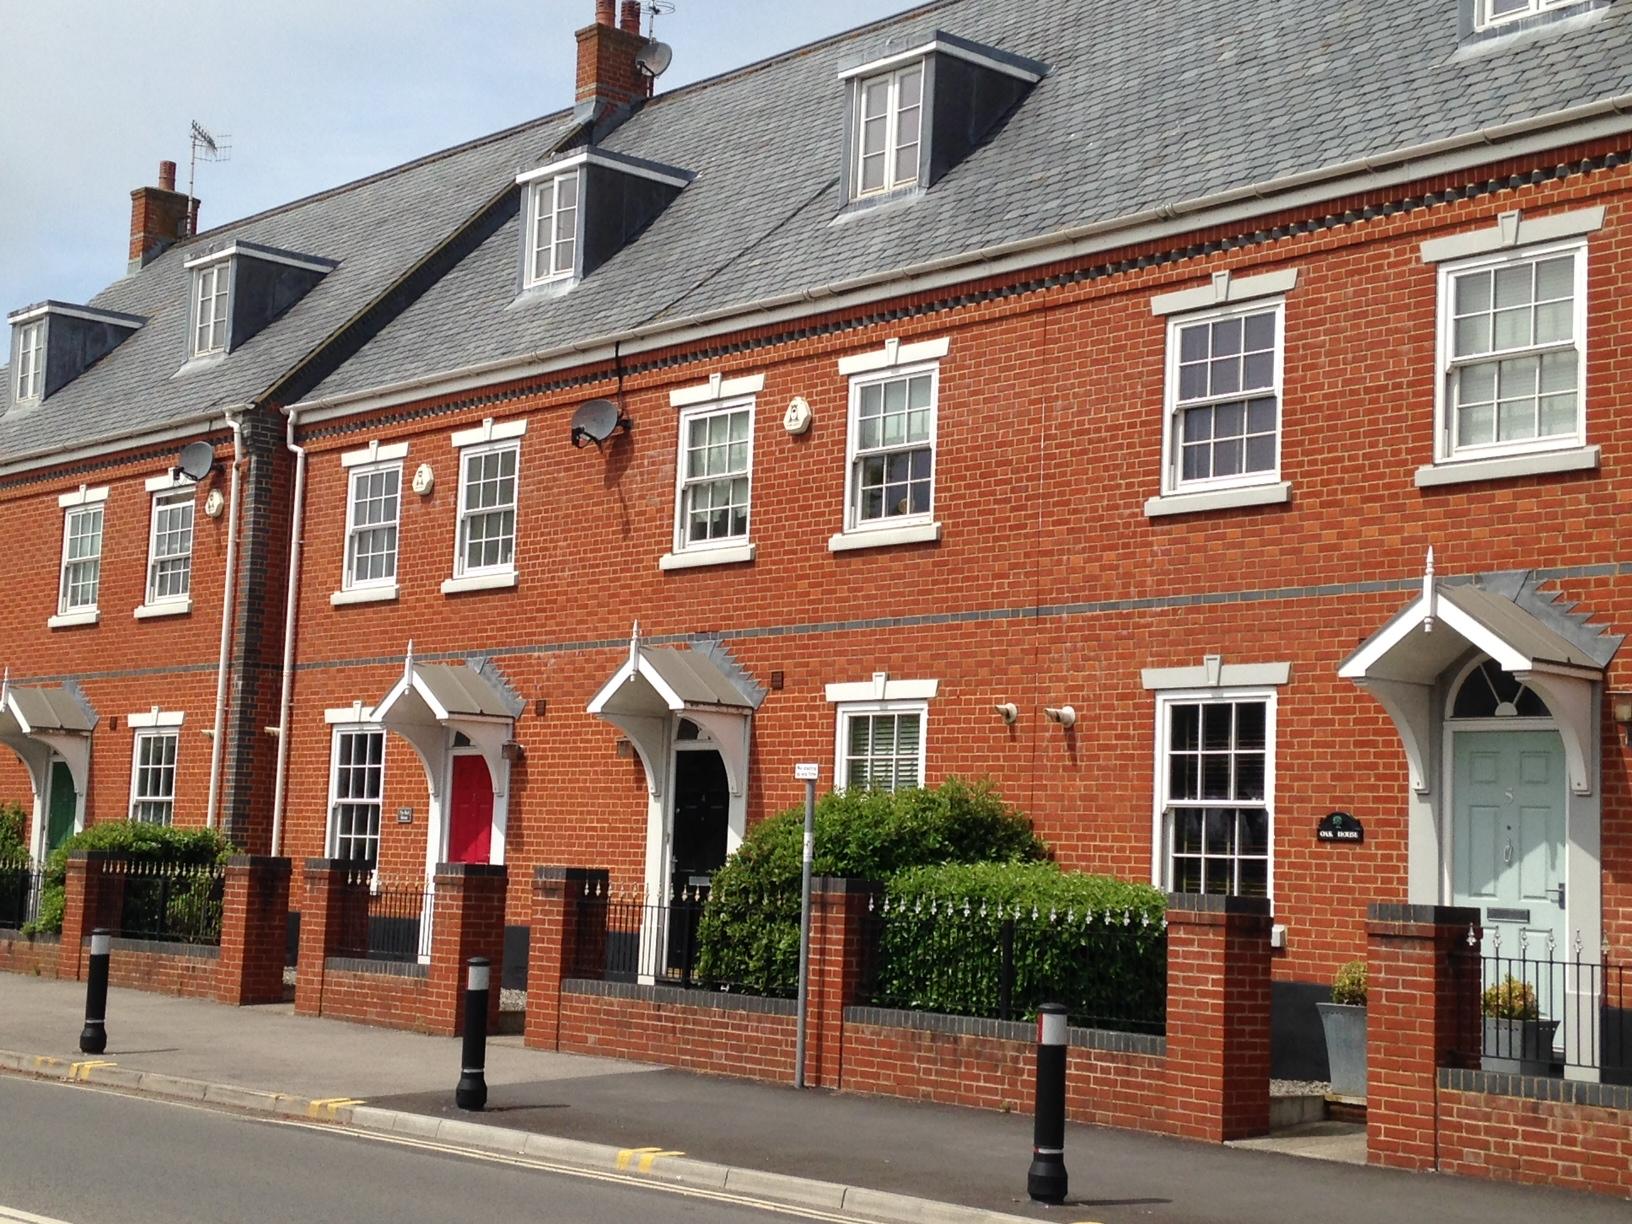 Wimborne Road, Blandford